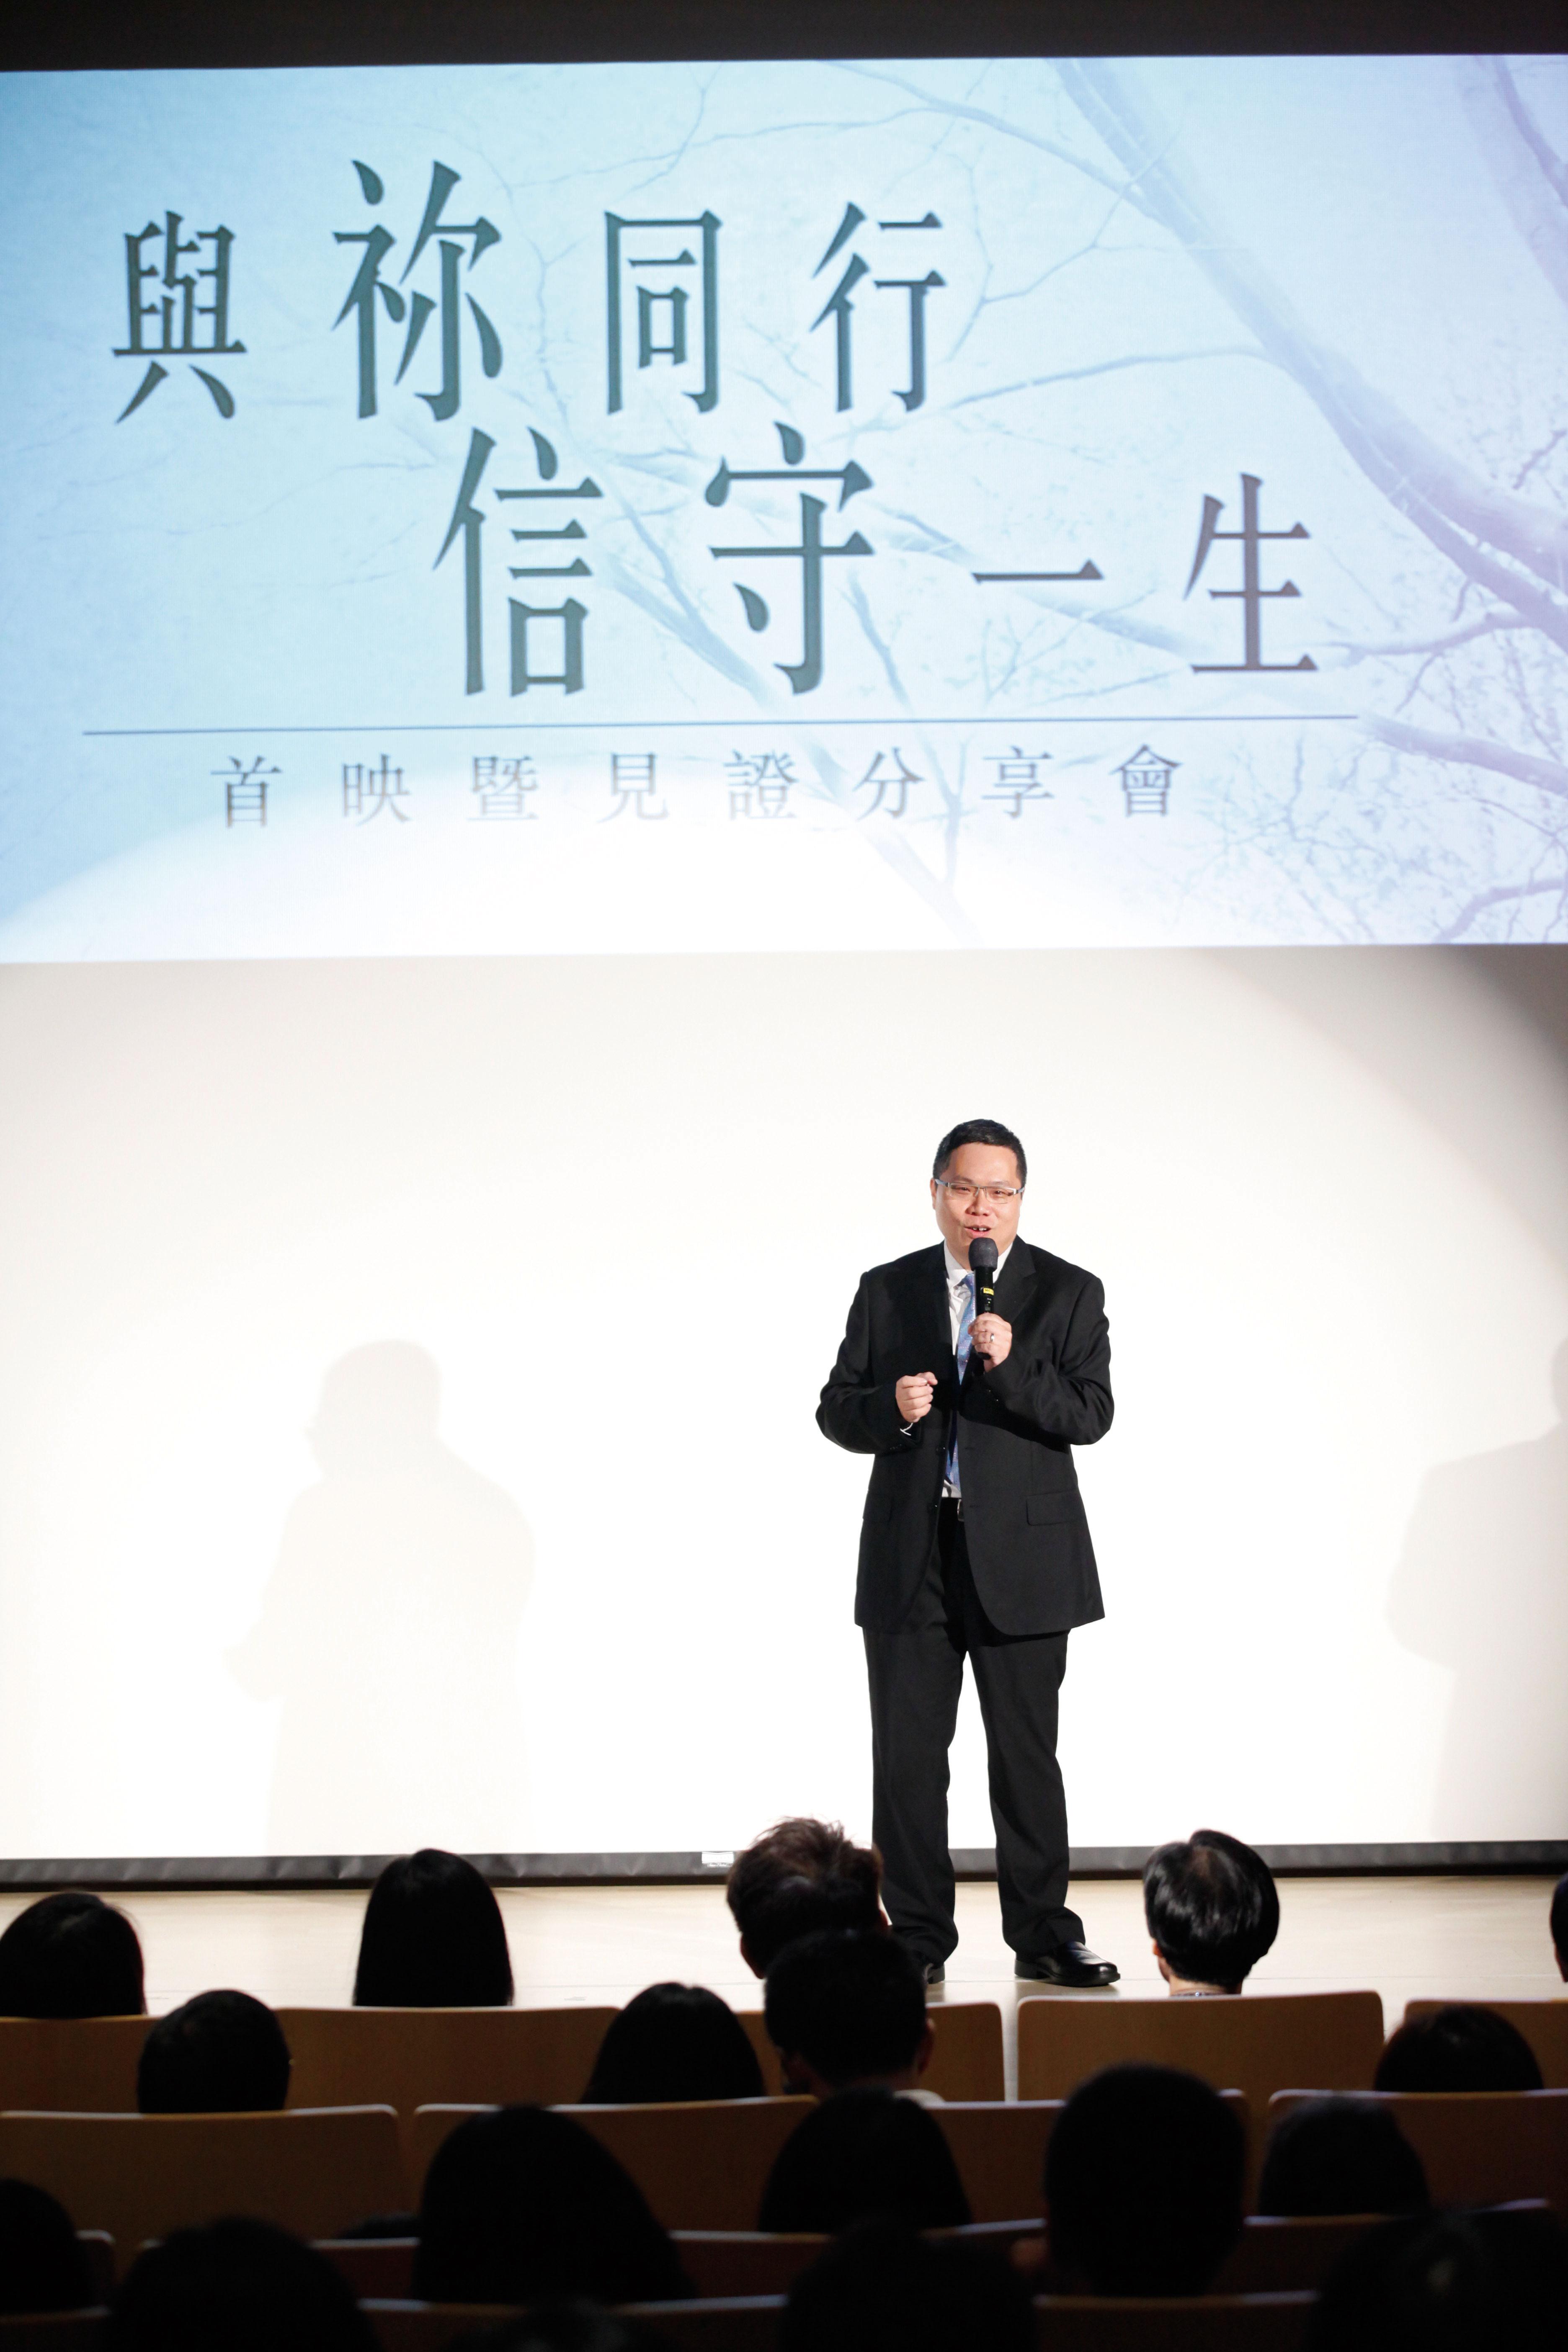 (創世電視製作經理黃耀榮鼓勵觀眾與影音使團分享上帝同行的故事。)